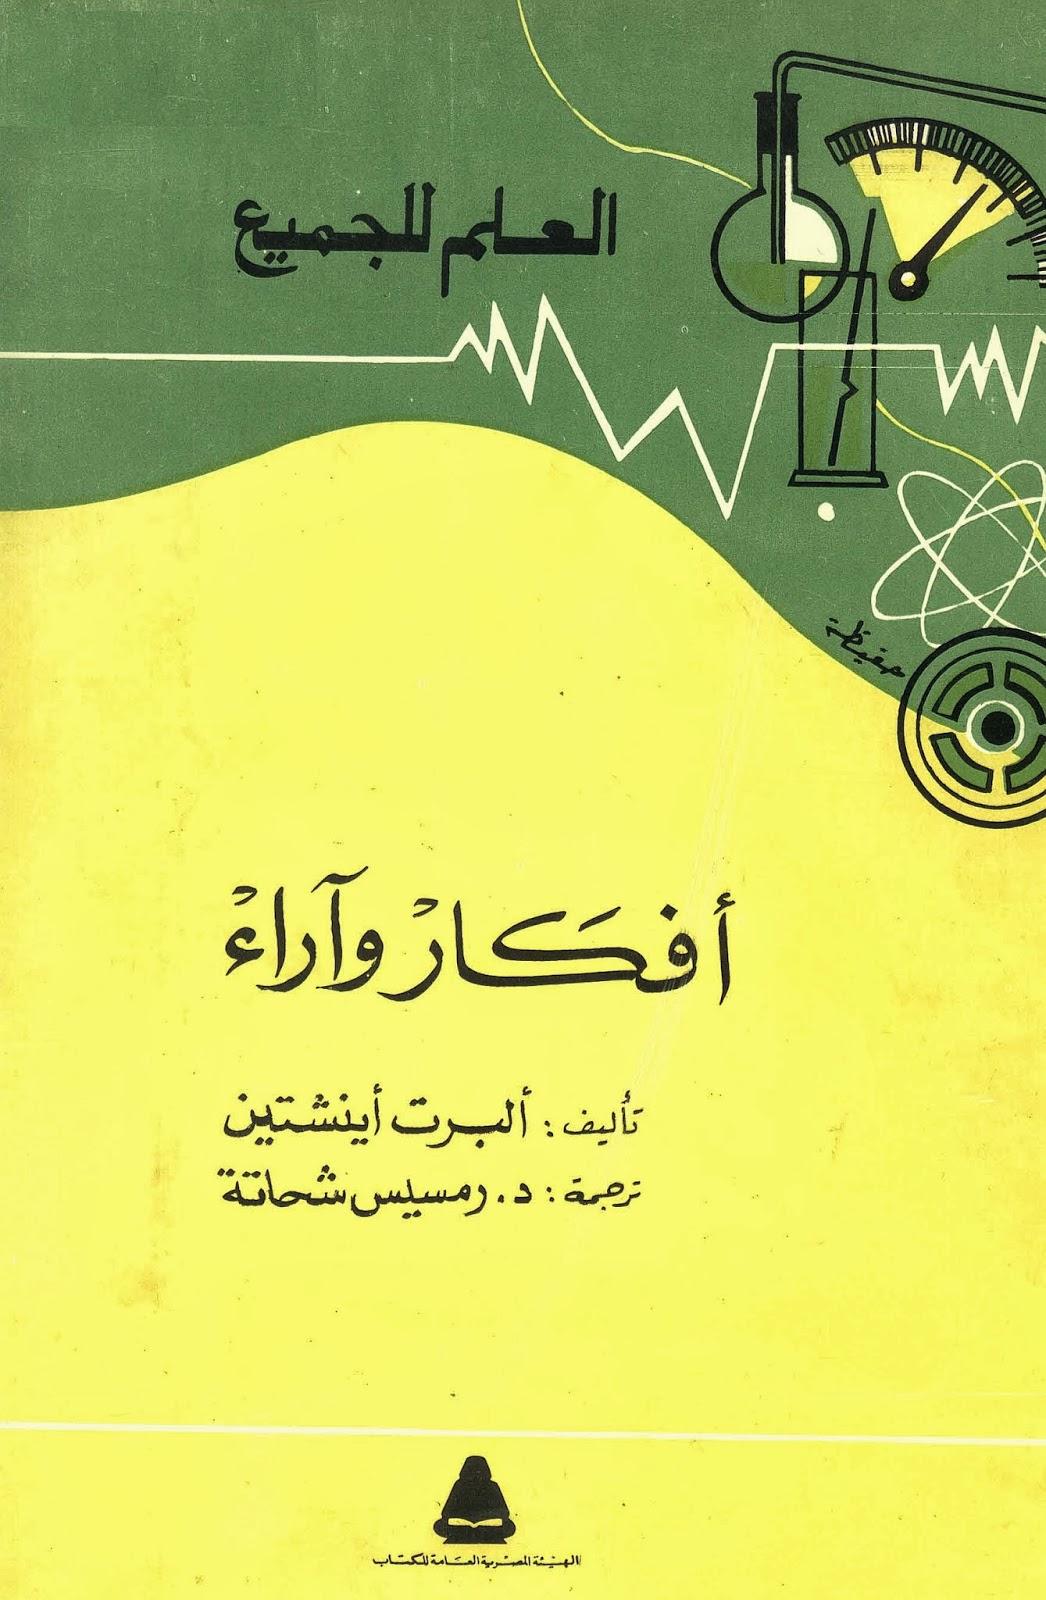 أفكار وآراء - ألبرت أينشتين pdf